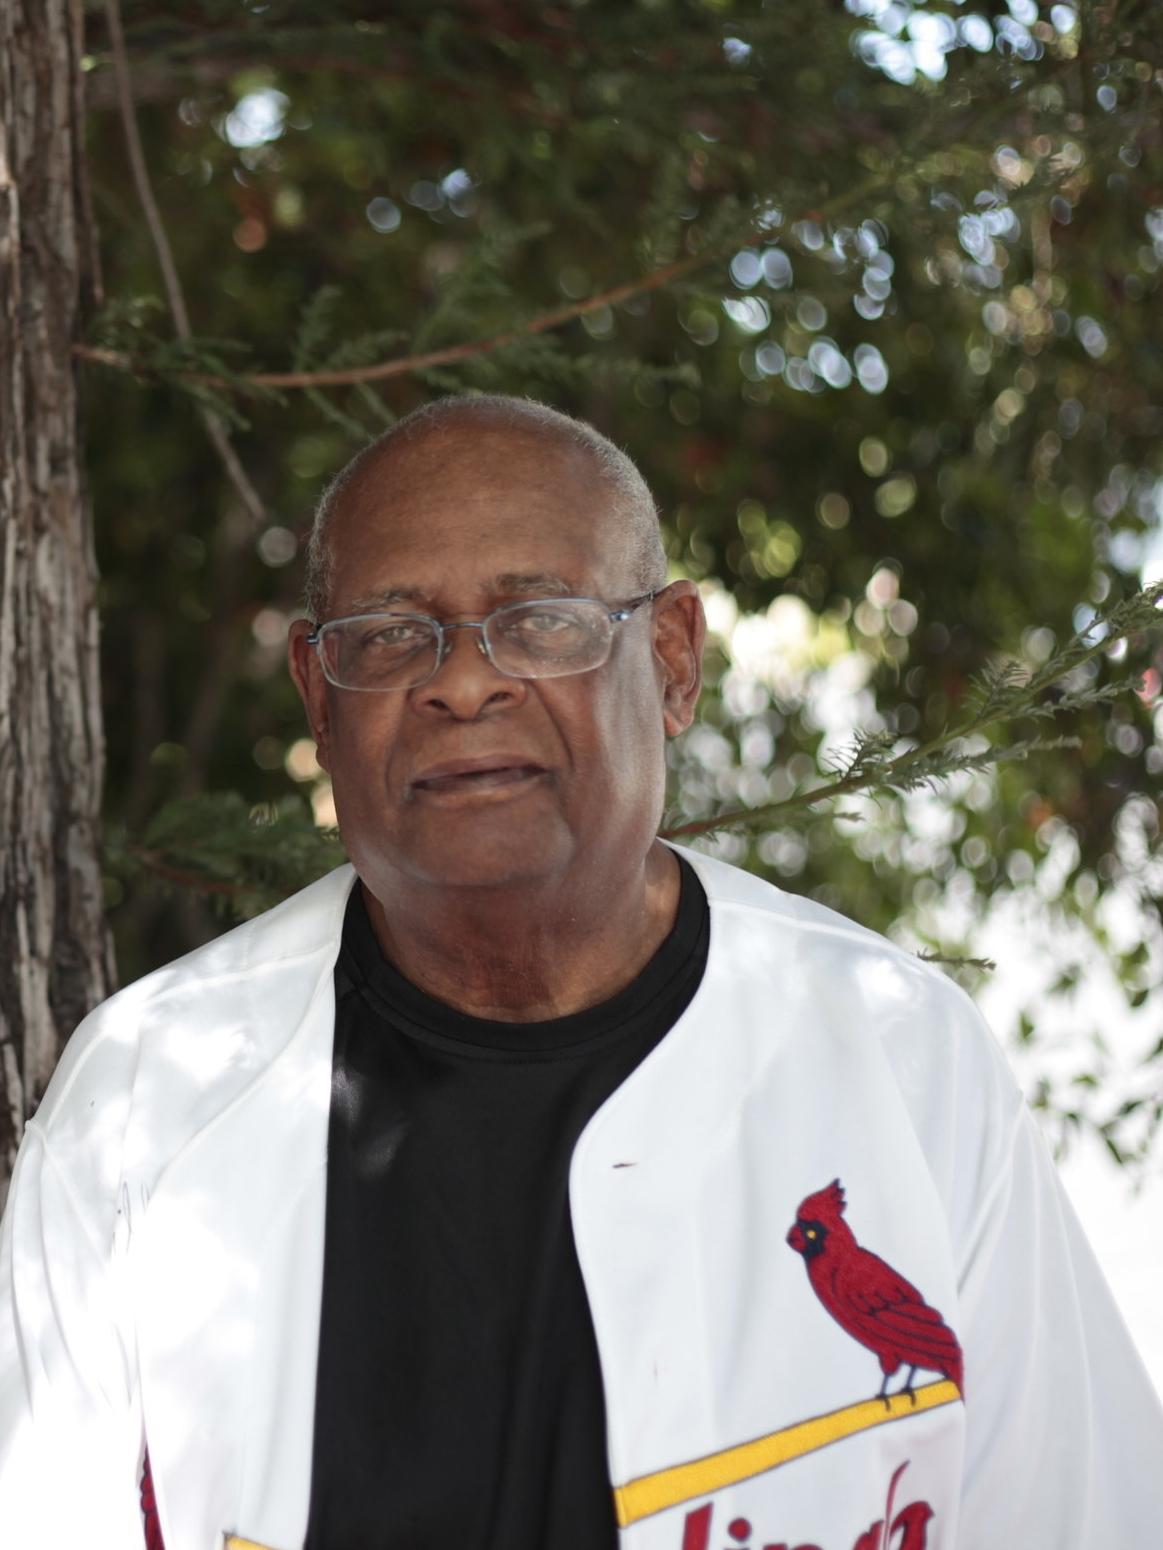 Stephen F. Greer, Clinical Supervisor